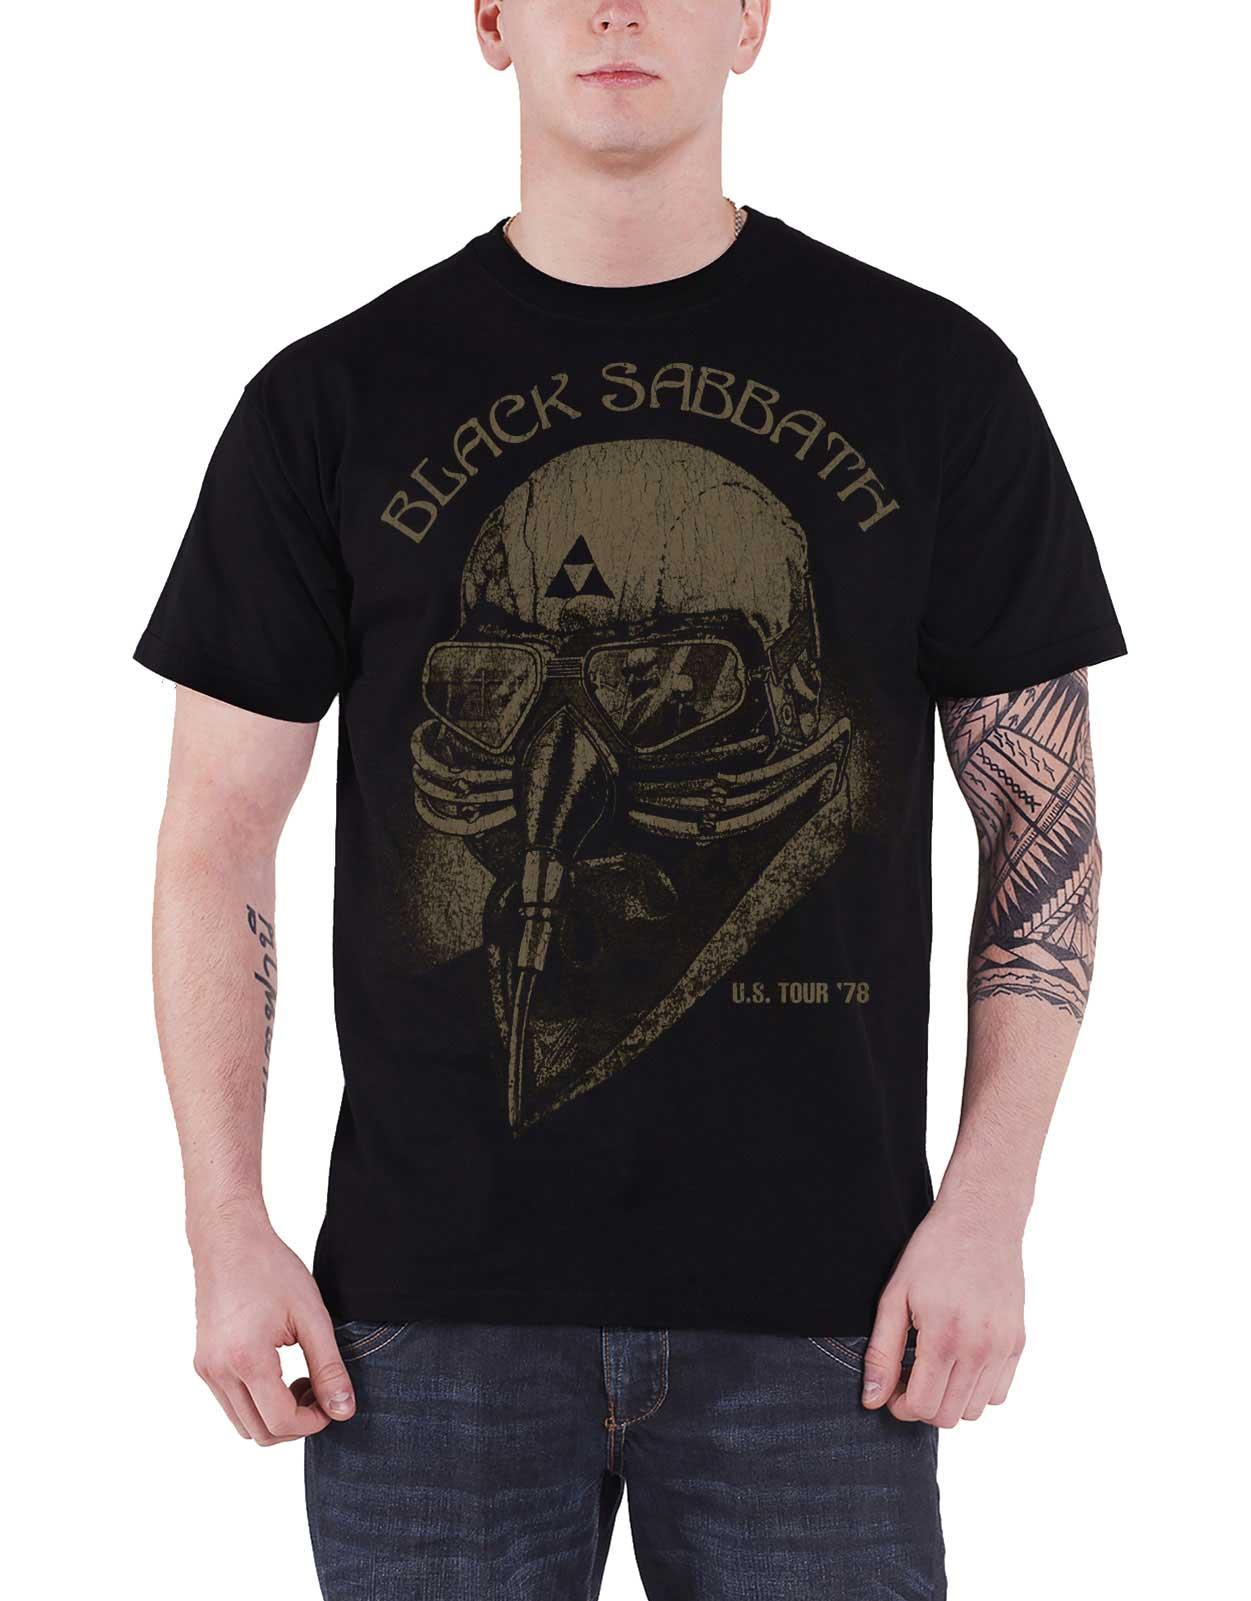 a4f5d9e1c31 Black Sabbath T Shirt US Tour 78 band logo new Official Mens Vintage Black  Size